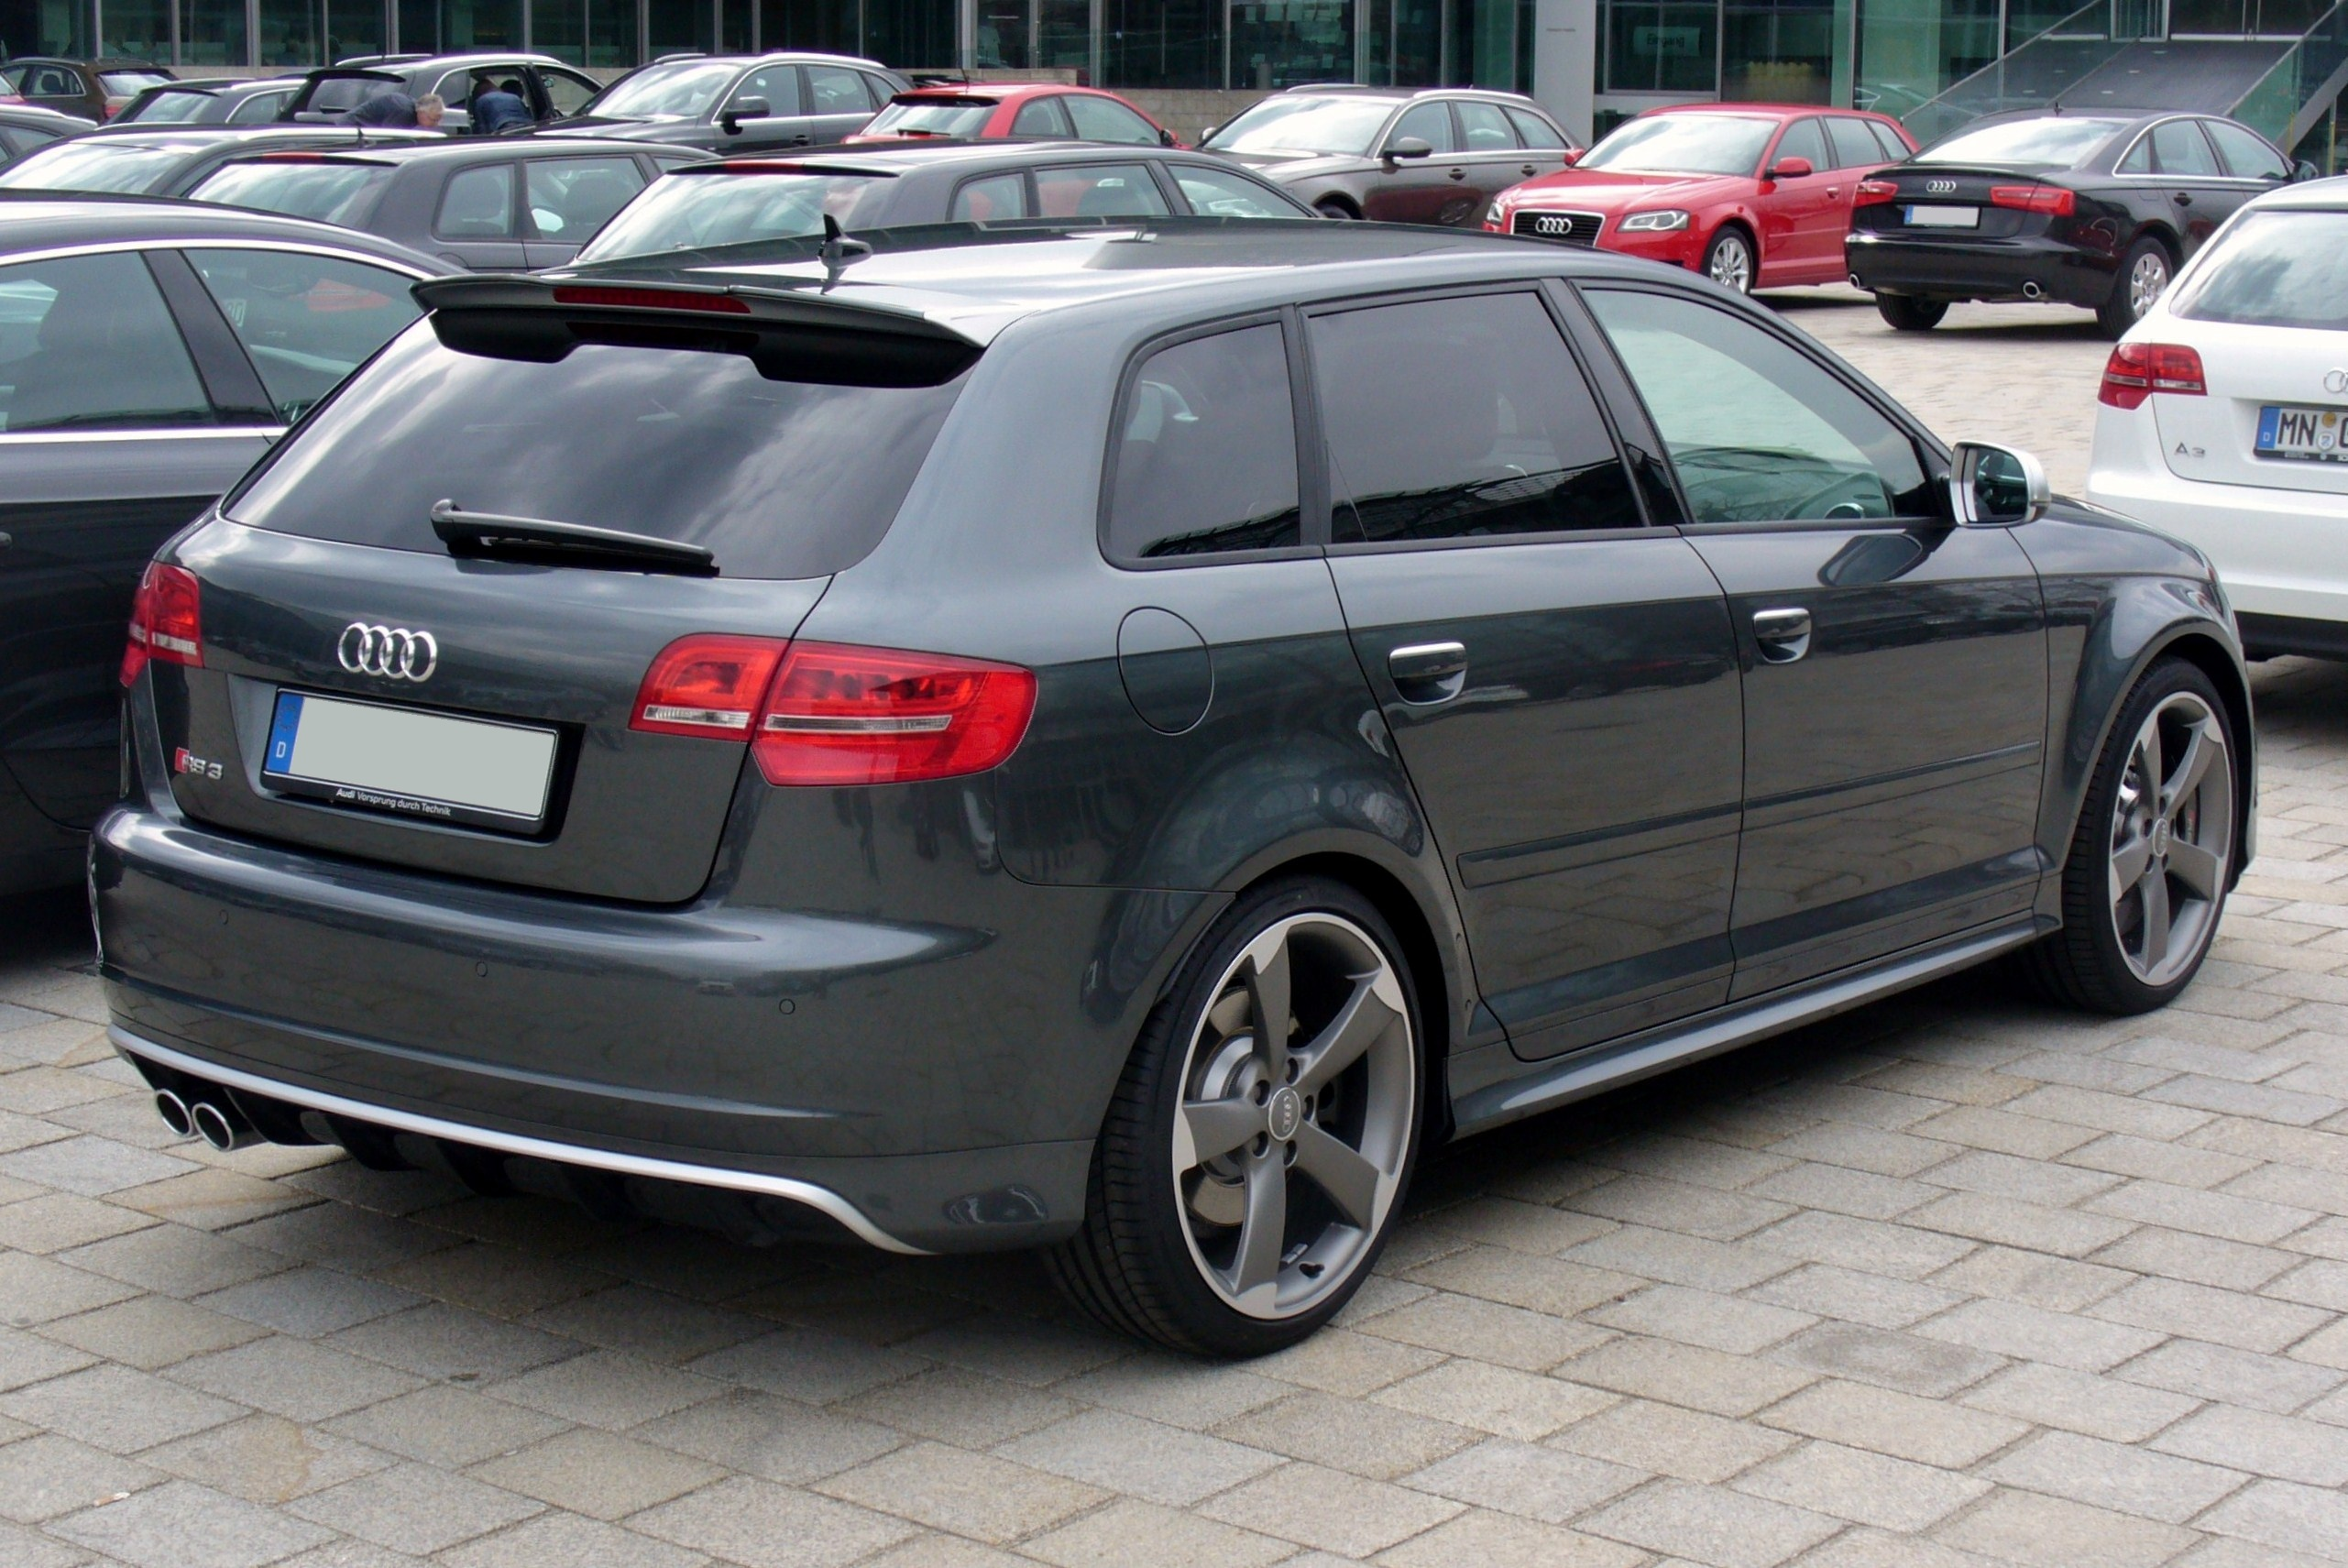 Audi rs3 2014 wikipedia 13